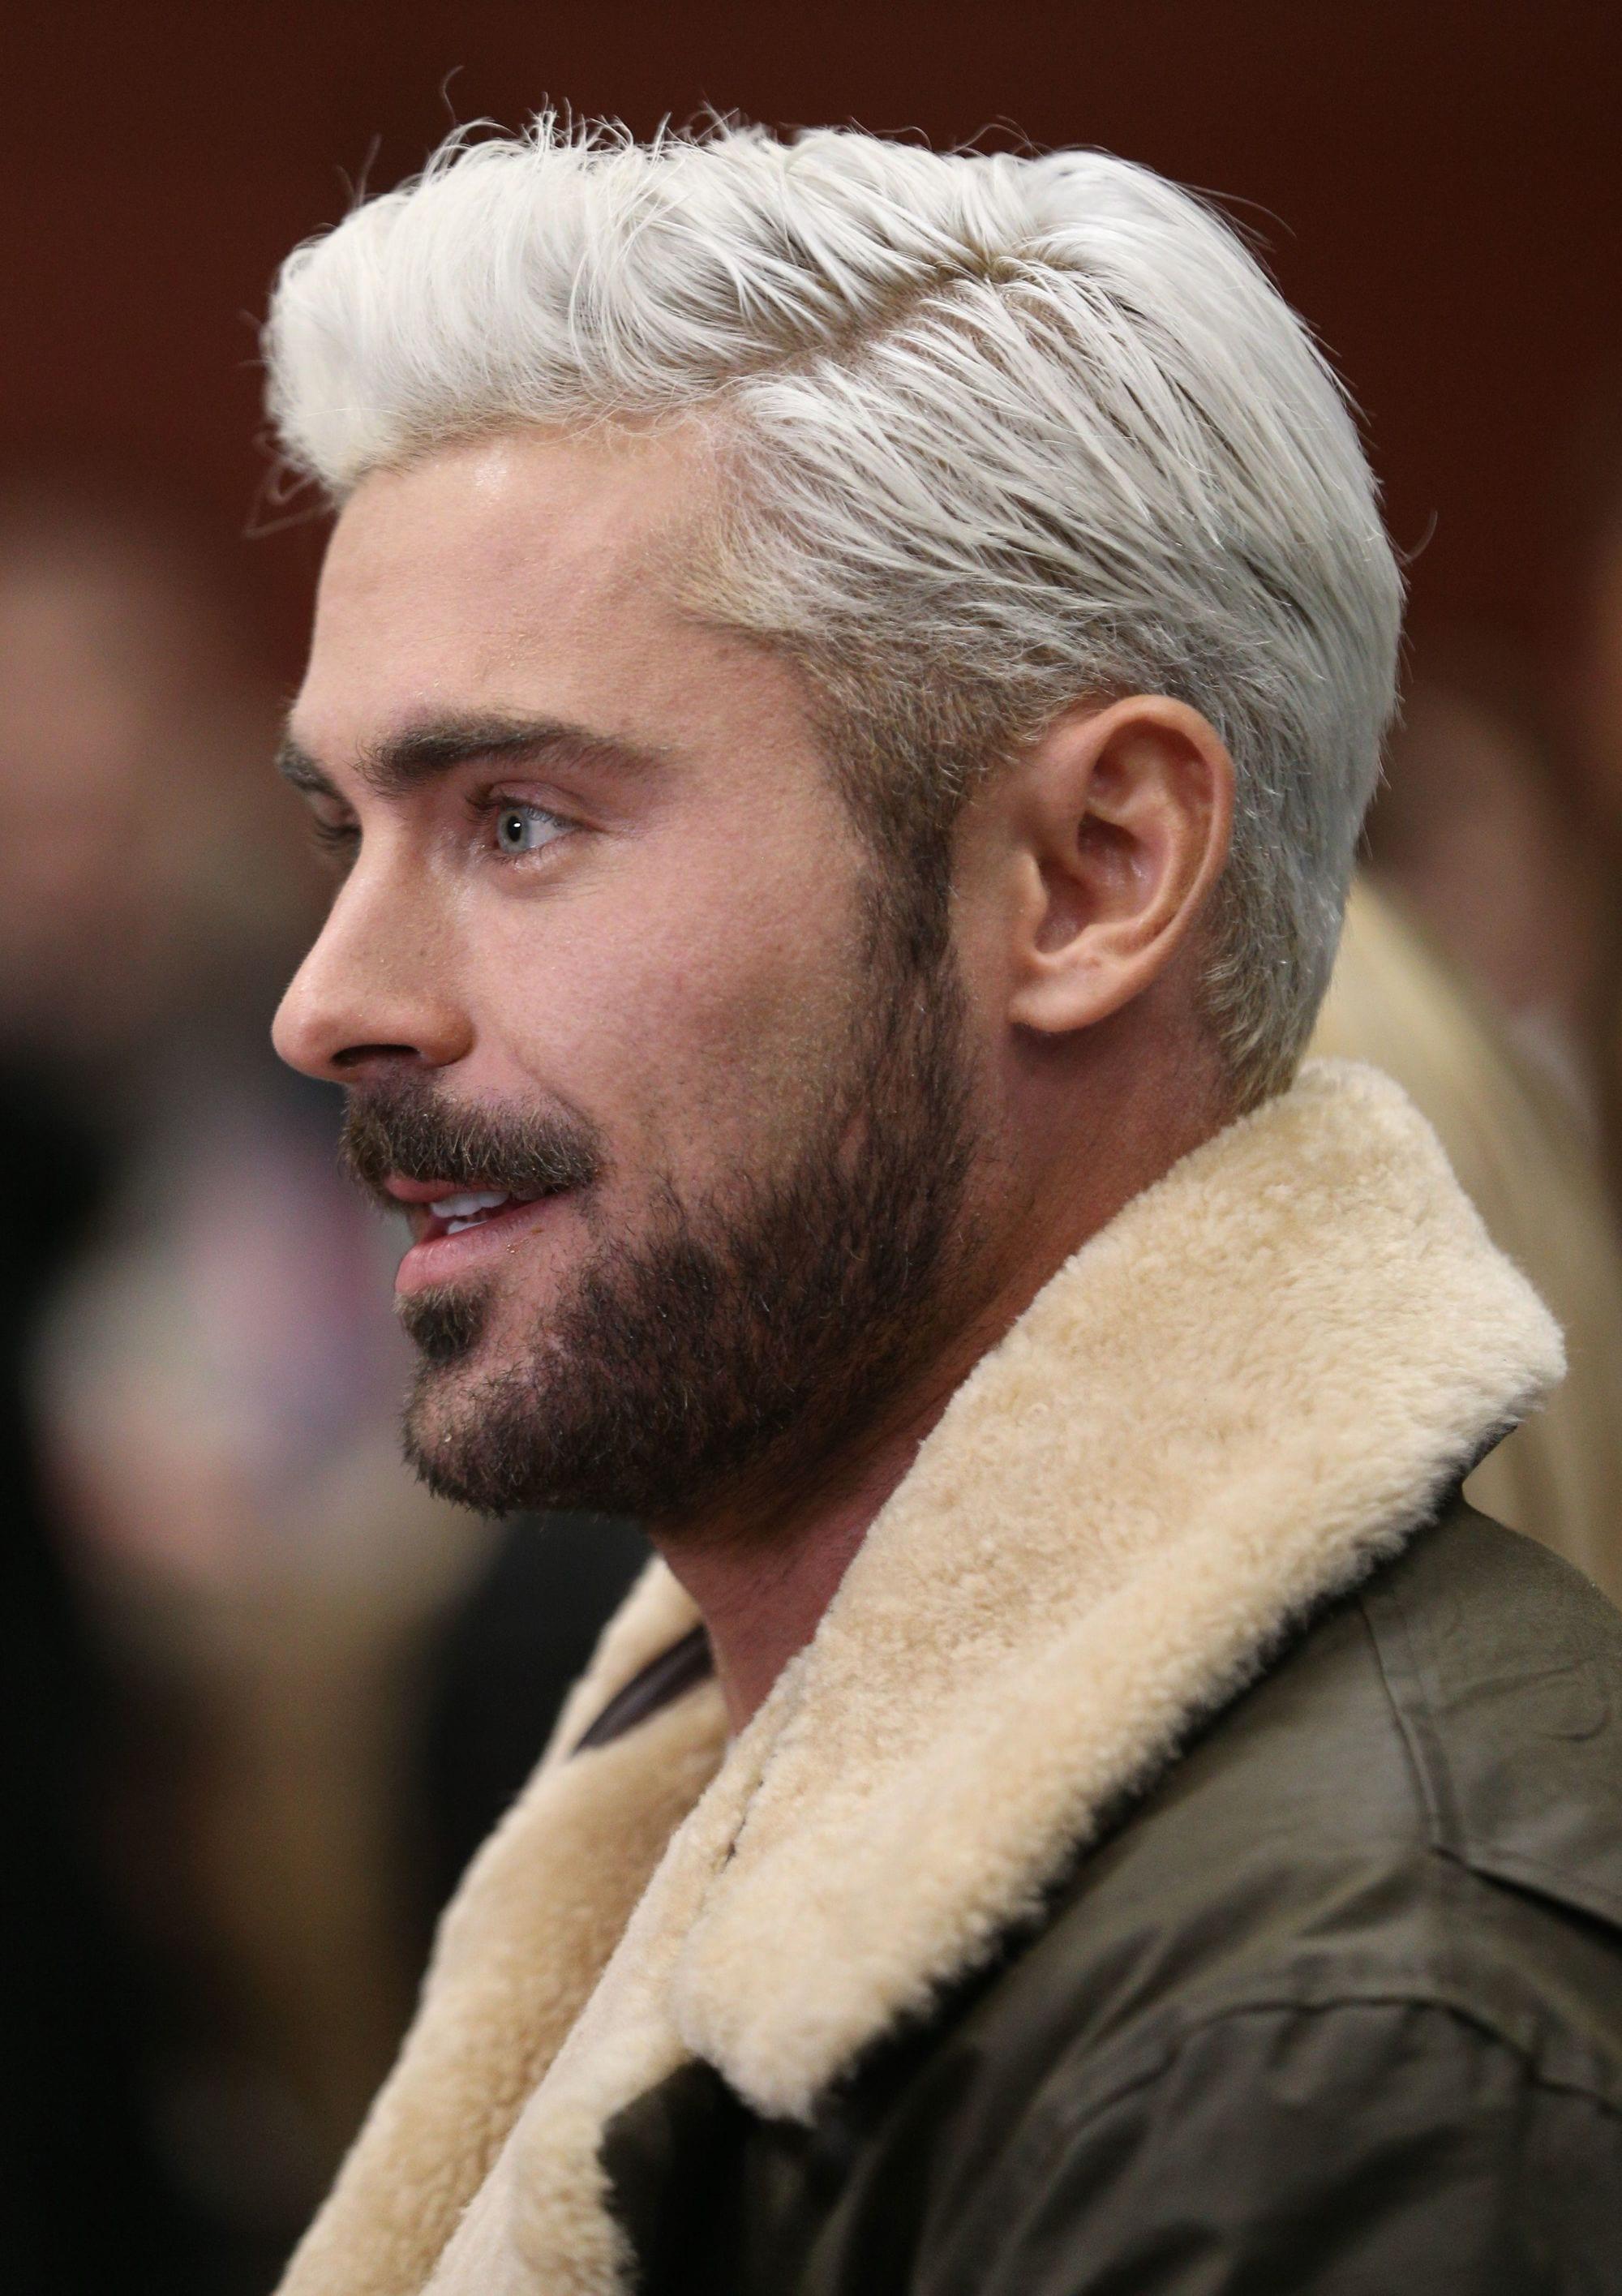 pelo platinado hombre pelo largo barba oscura